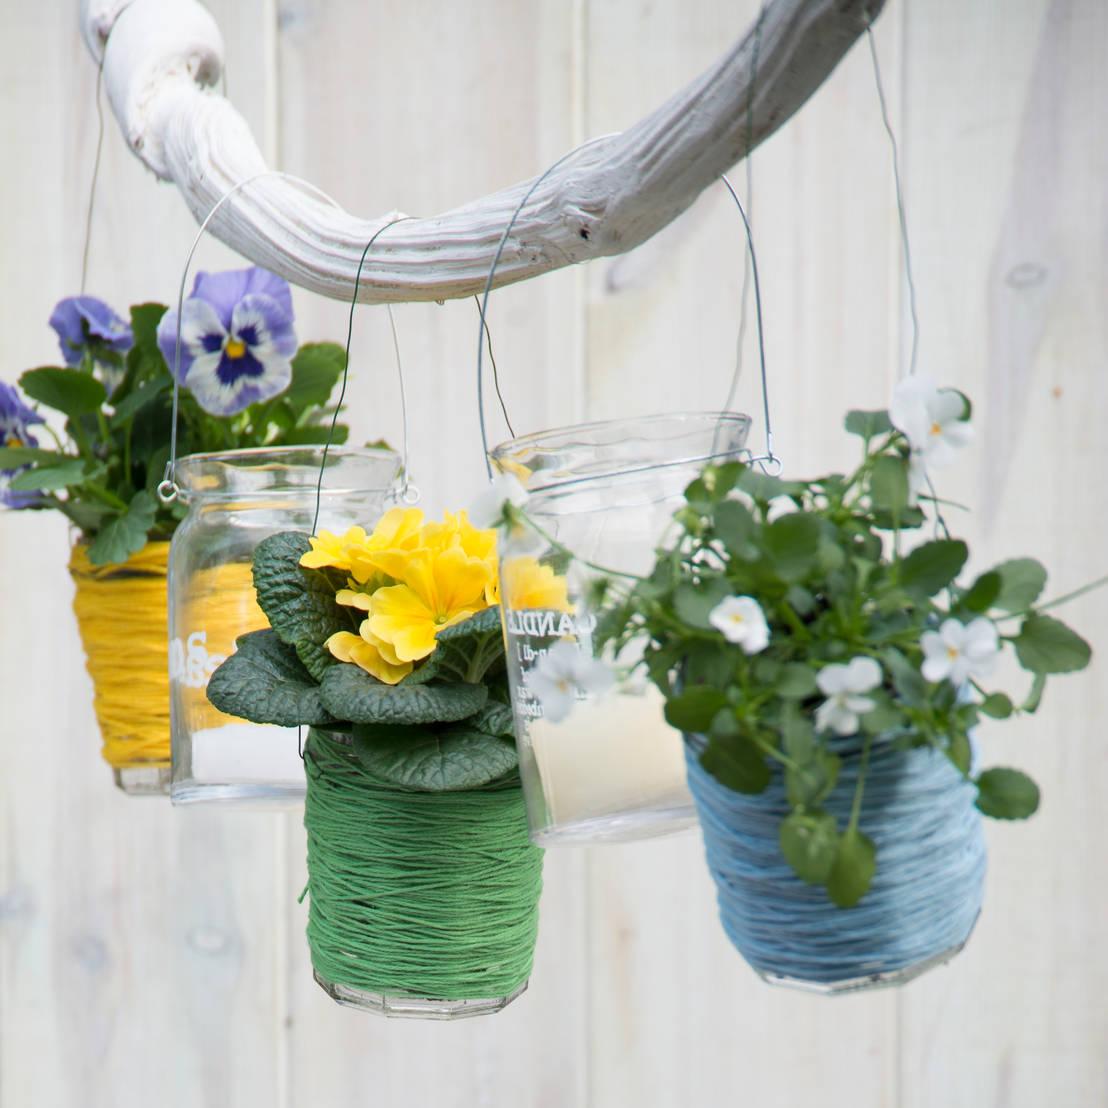 Plantas colgantes decora tus paredes con estilo y frescura for Como cocinar setas parasoles